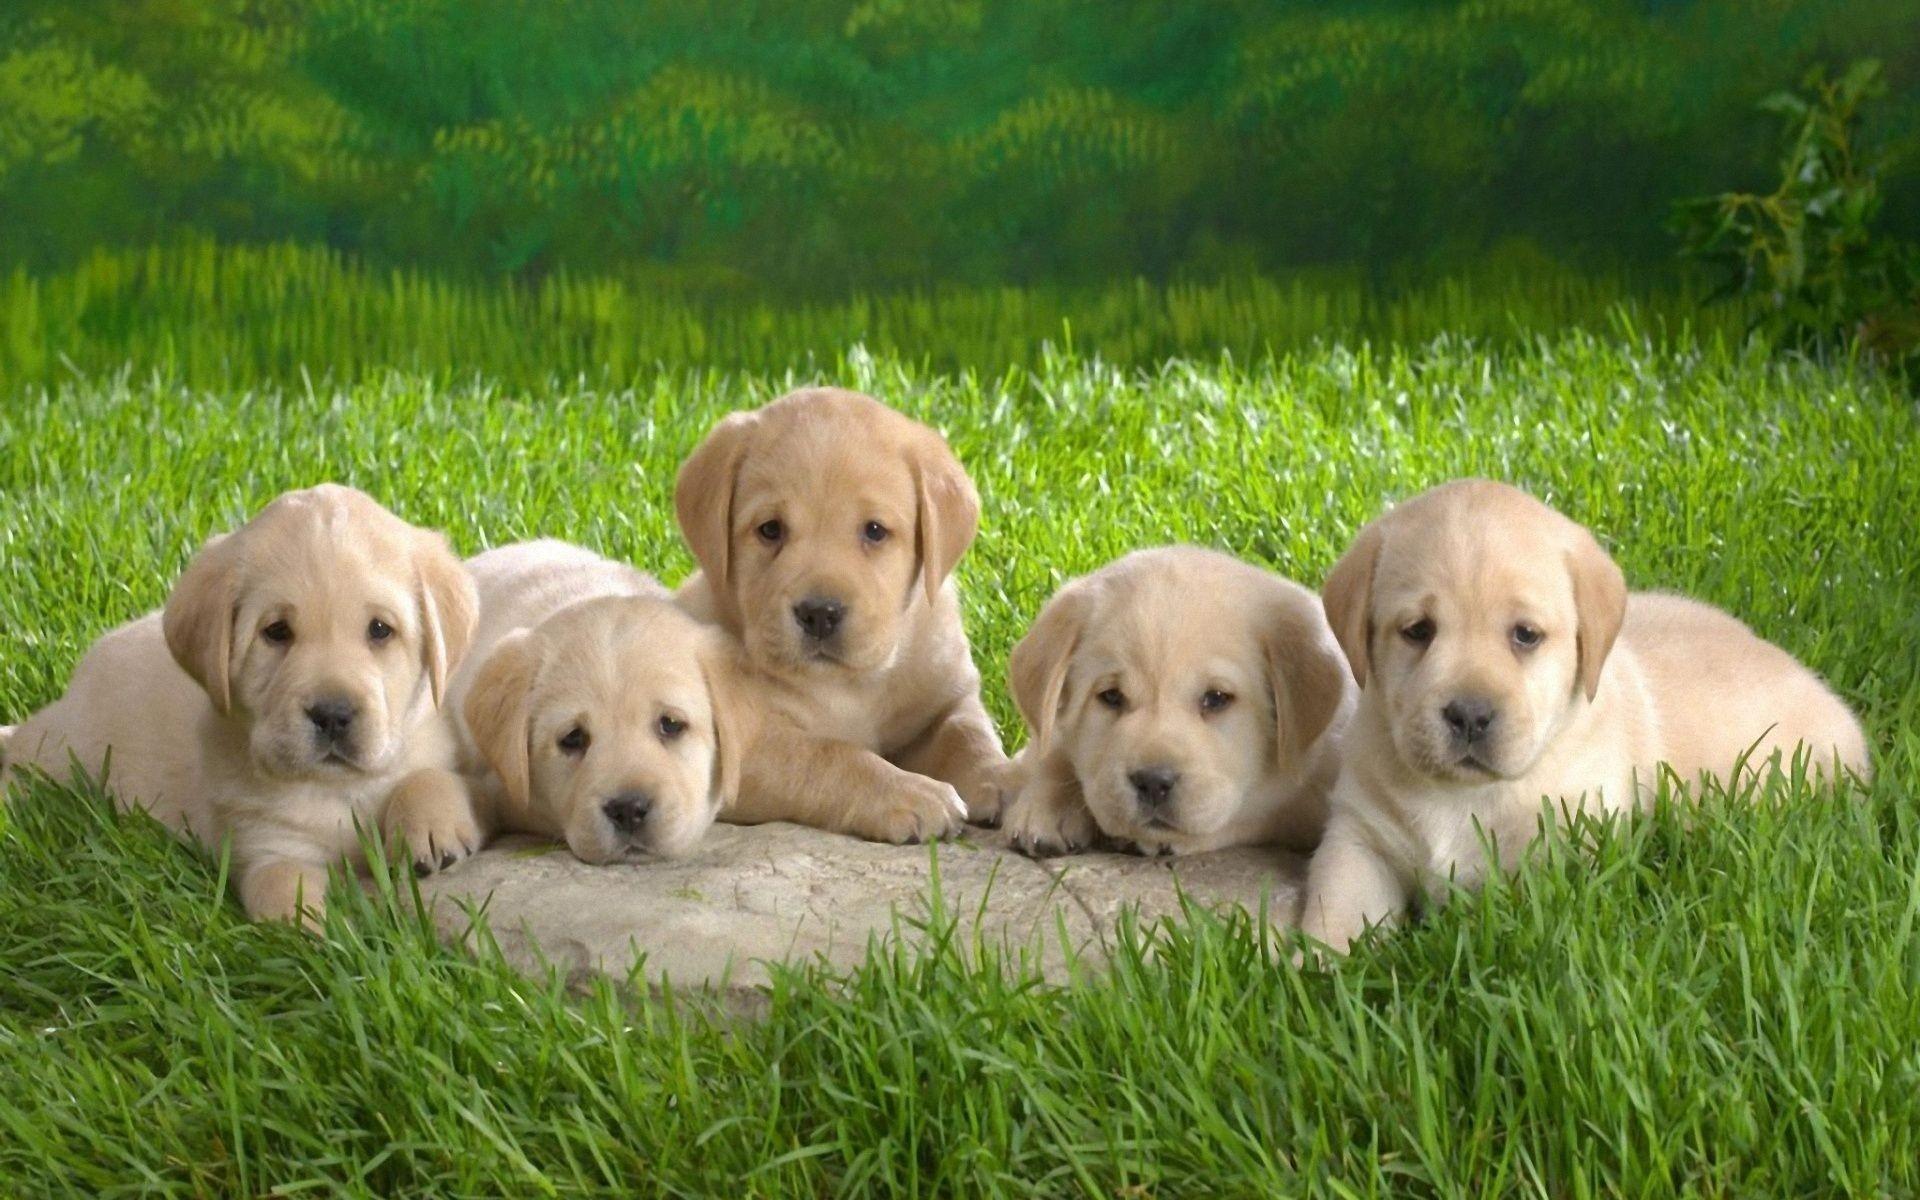 Cute Golden Retriever Puppies Wallpaper 56 Images